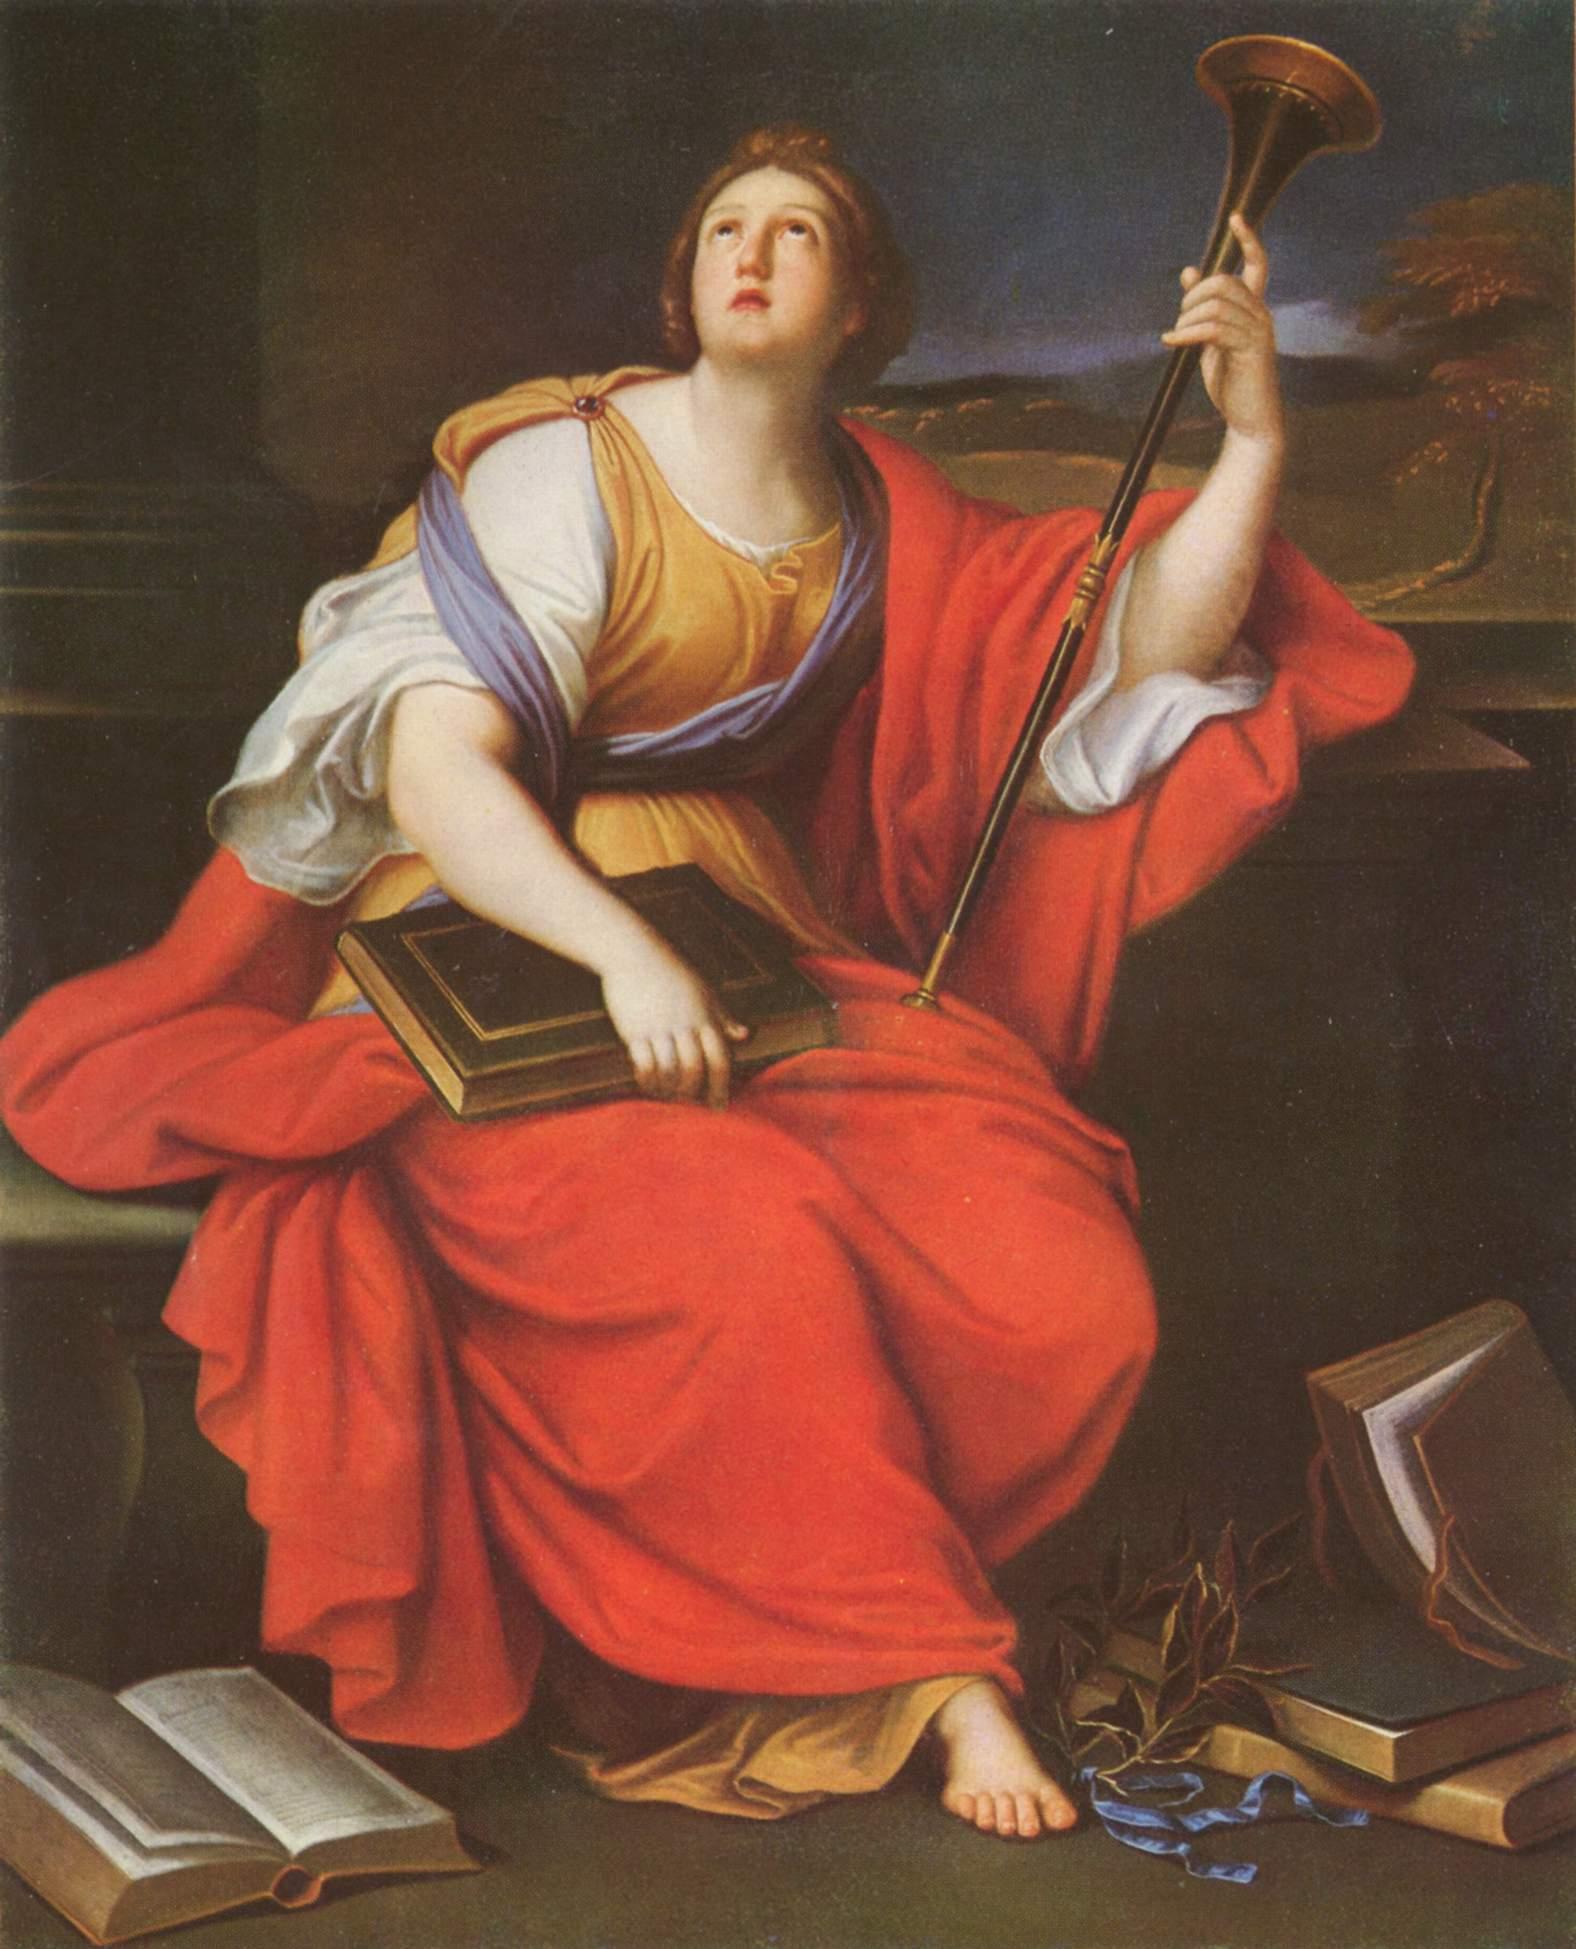 Citaten Uit De Geschiedenis : Citaten spirituele teksten